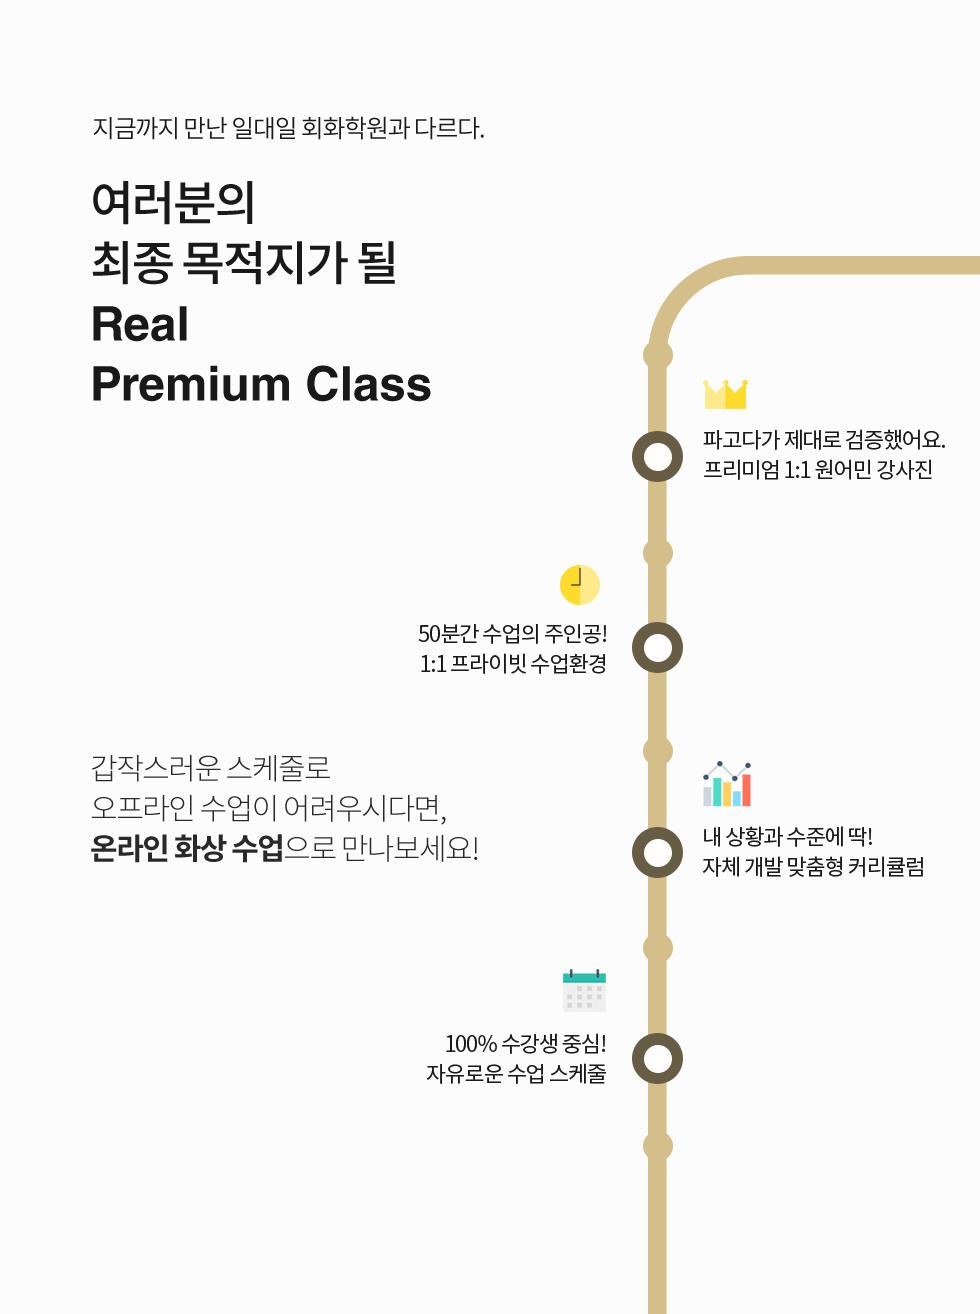 지금까지 만난 일대일회화학원과 다르다. 여러분의 최종 목적지가 될 Real Premium Class